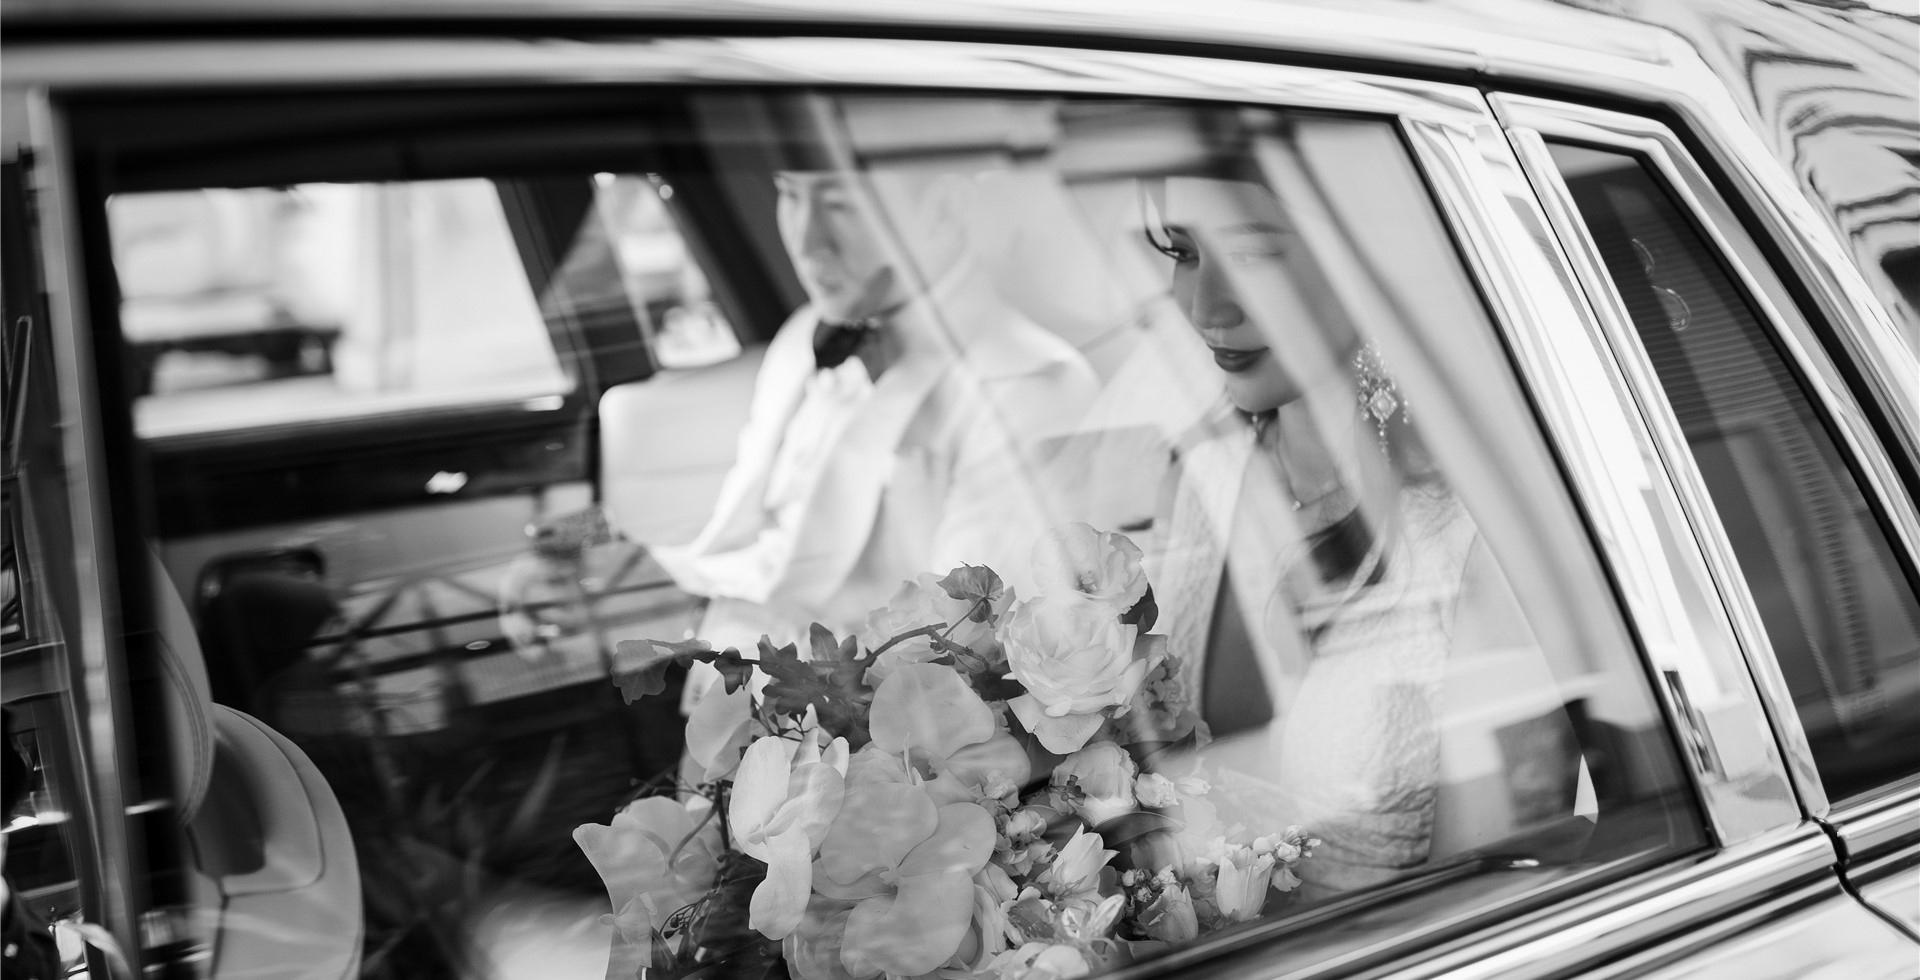 Salt Atelier, 是澳洲悉尼顶尖明星婚纱婚礼摄影工作室,在澳洲悉尼婚纱婚礼行业排名第一